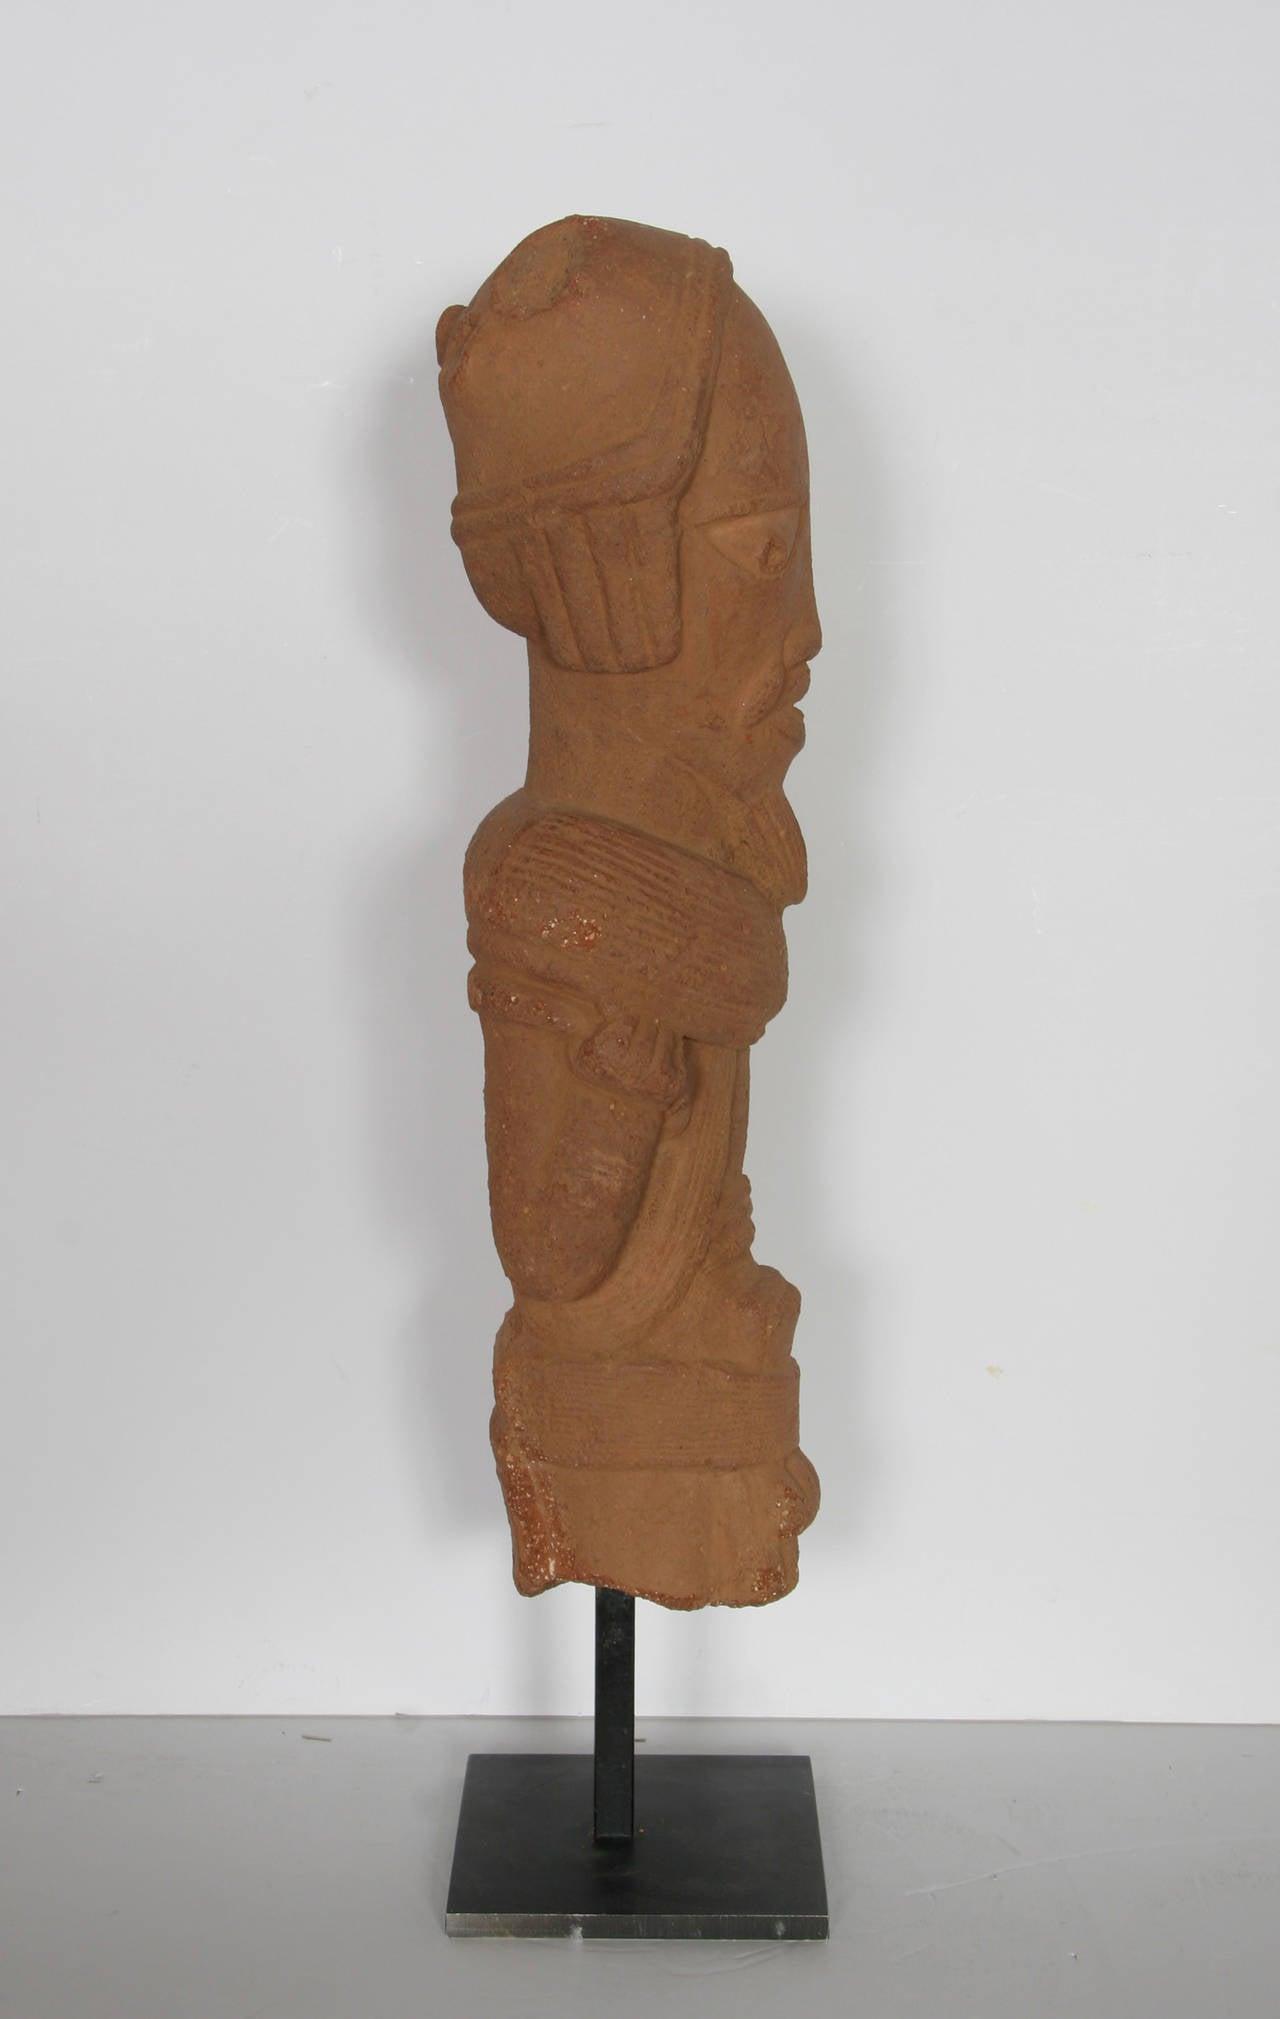 Nok Head Figurine (Nigeria), 500BC-200AD Terra Cotta Sculpture 4